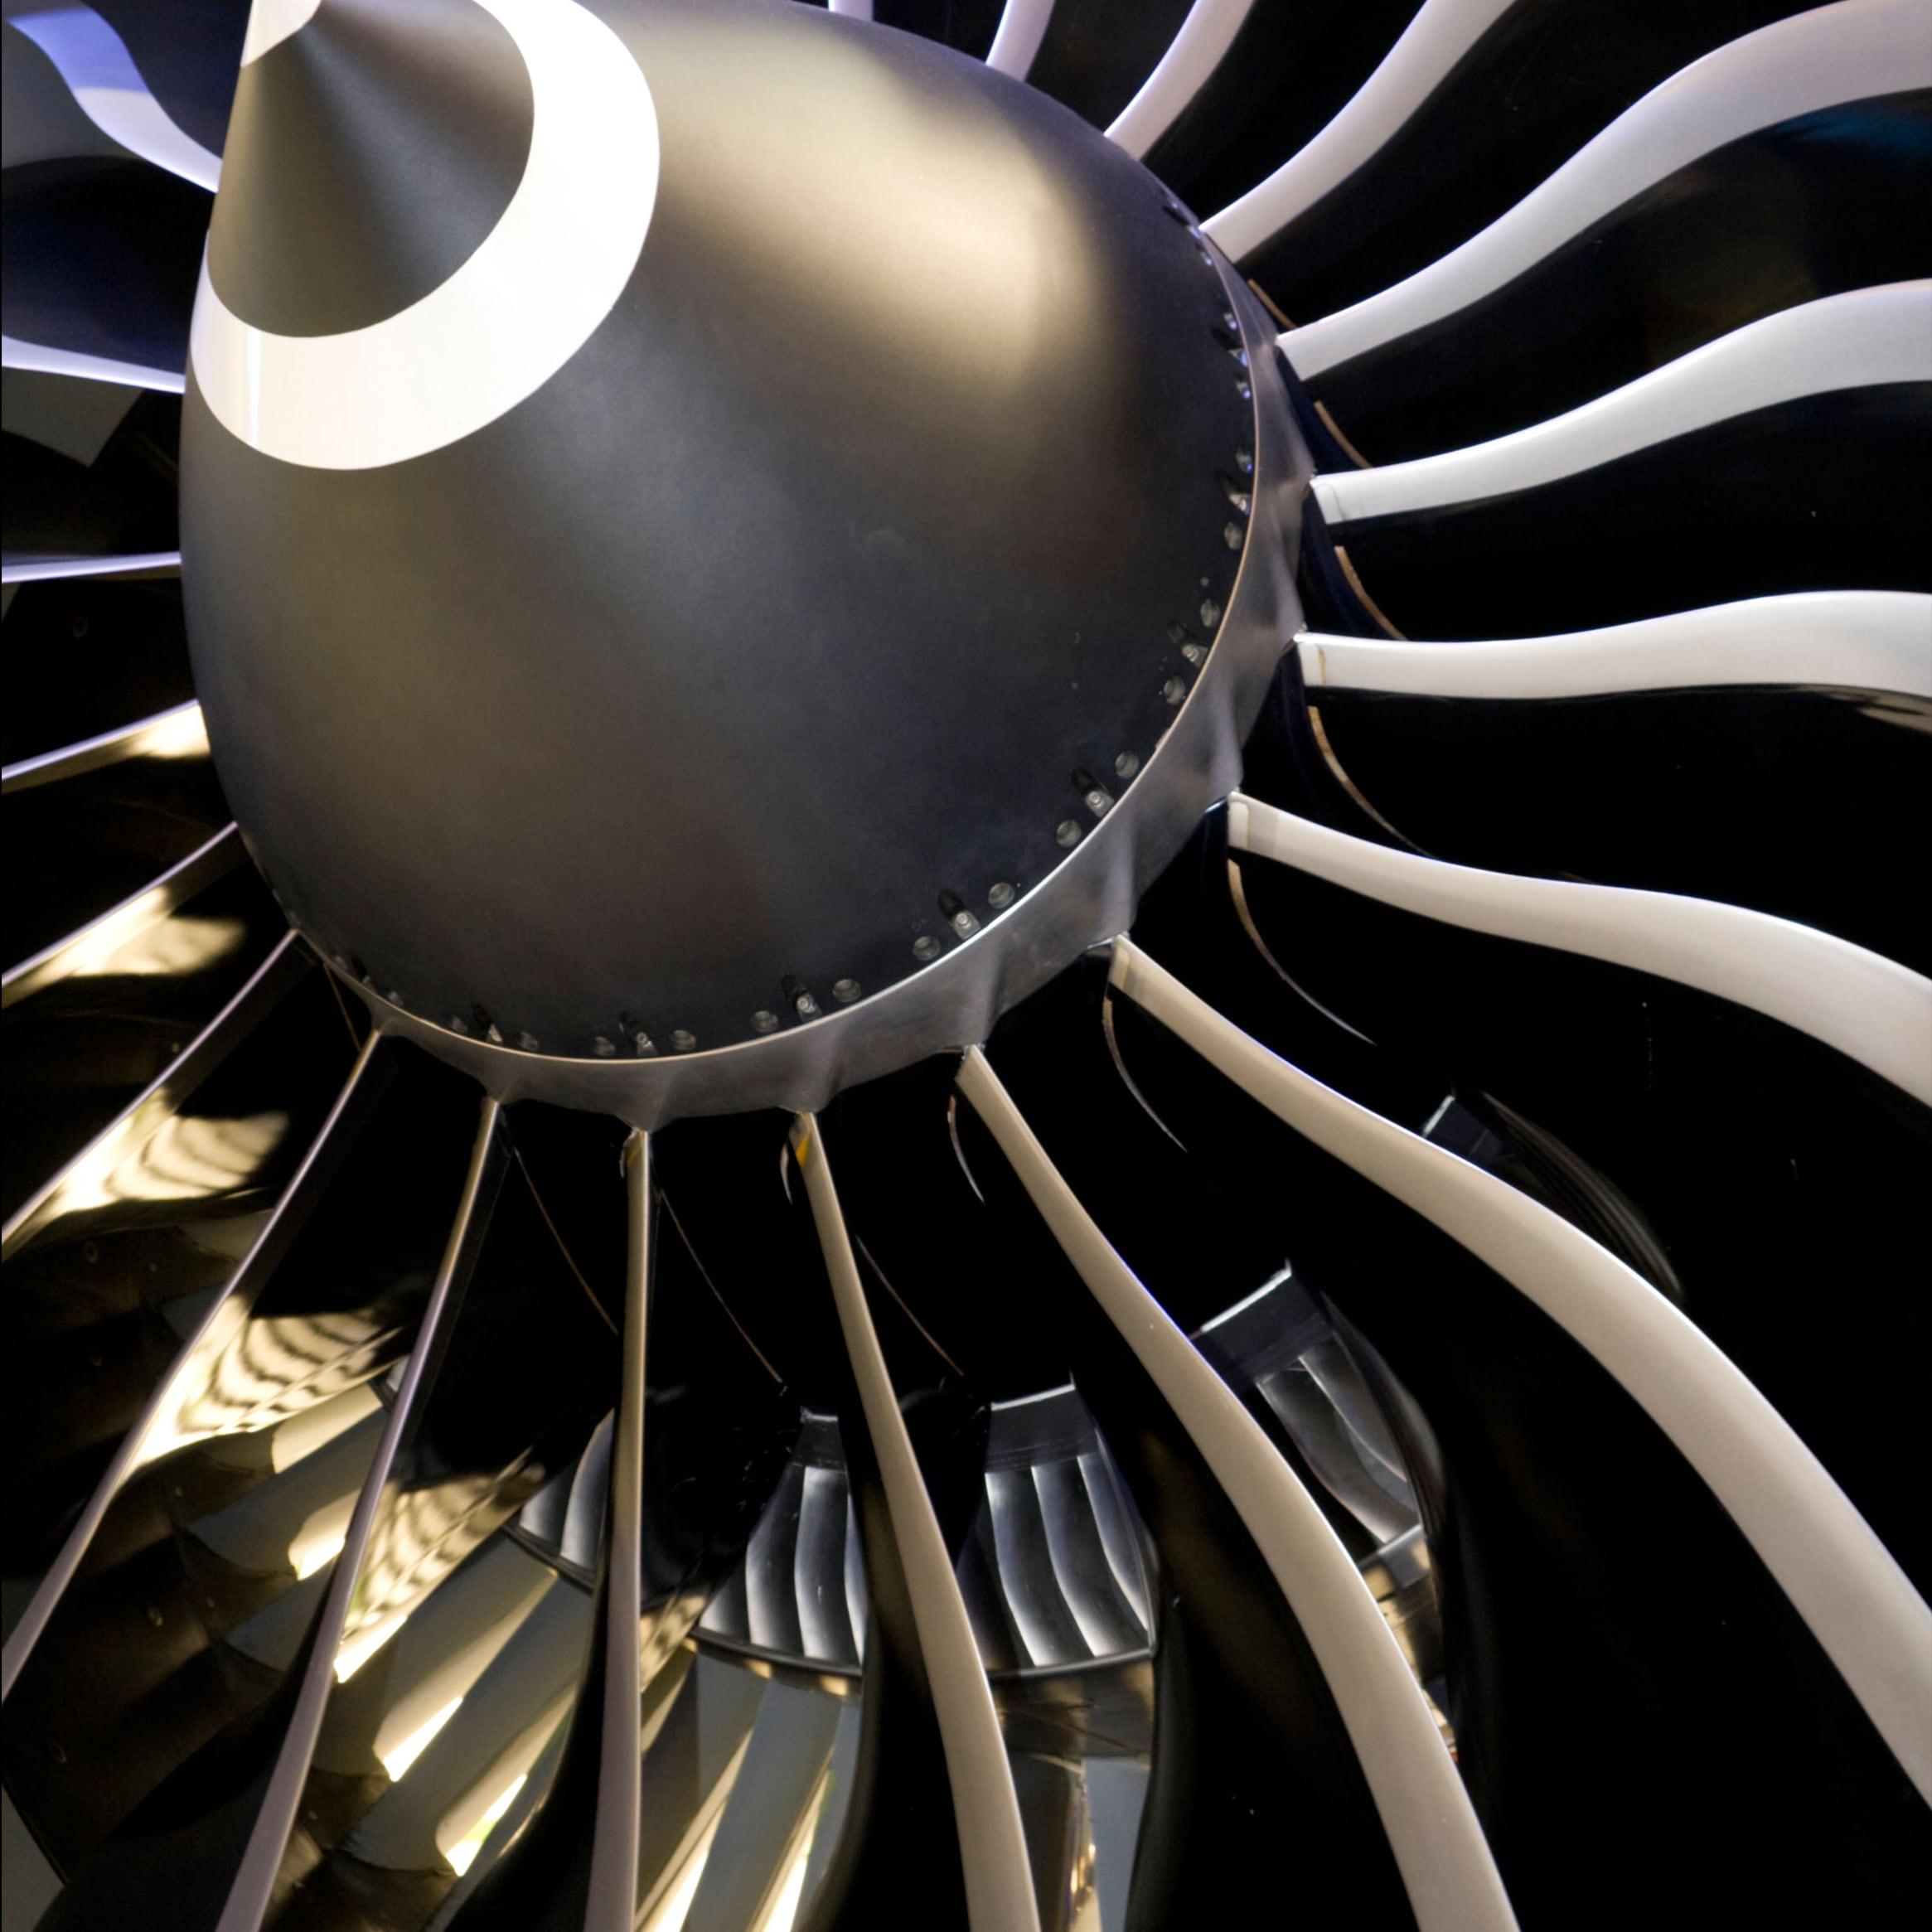 General Electric Deloitte Switzerland